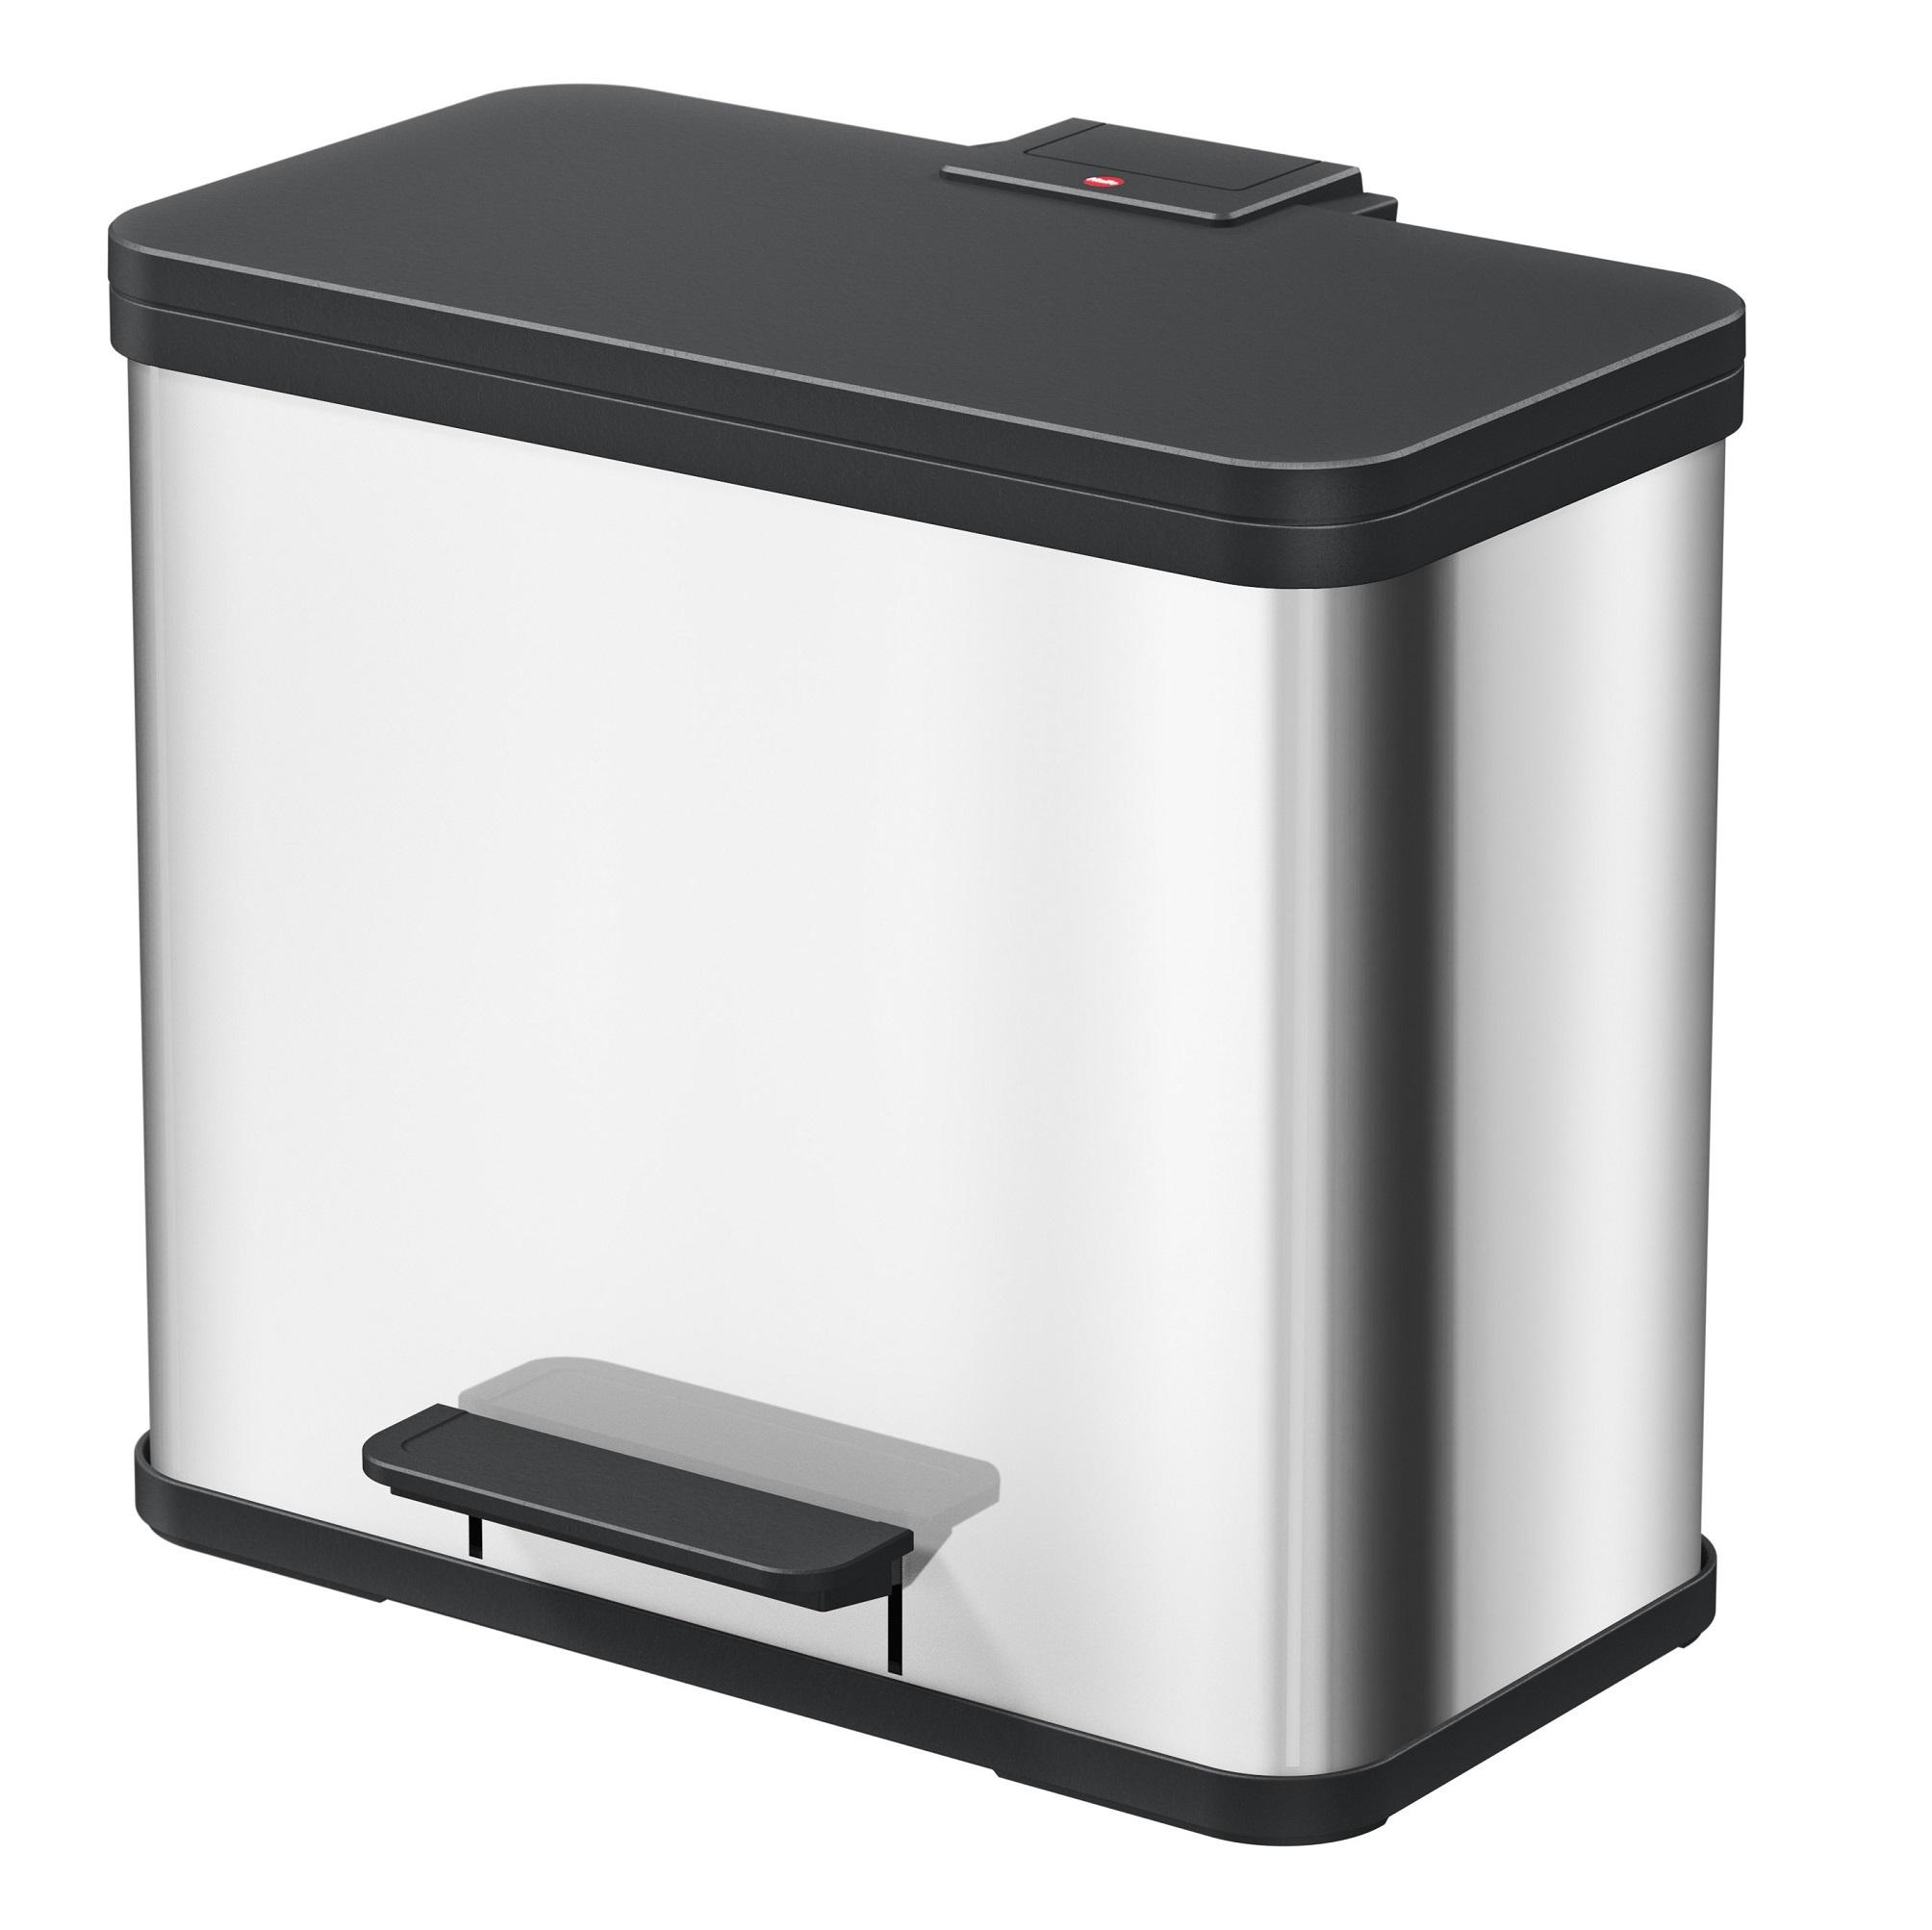 Контейнер мусорный Hailo Oko duo plus l 17+9л. с системой раздельного хранения мусора.